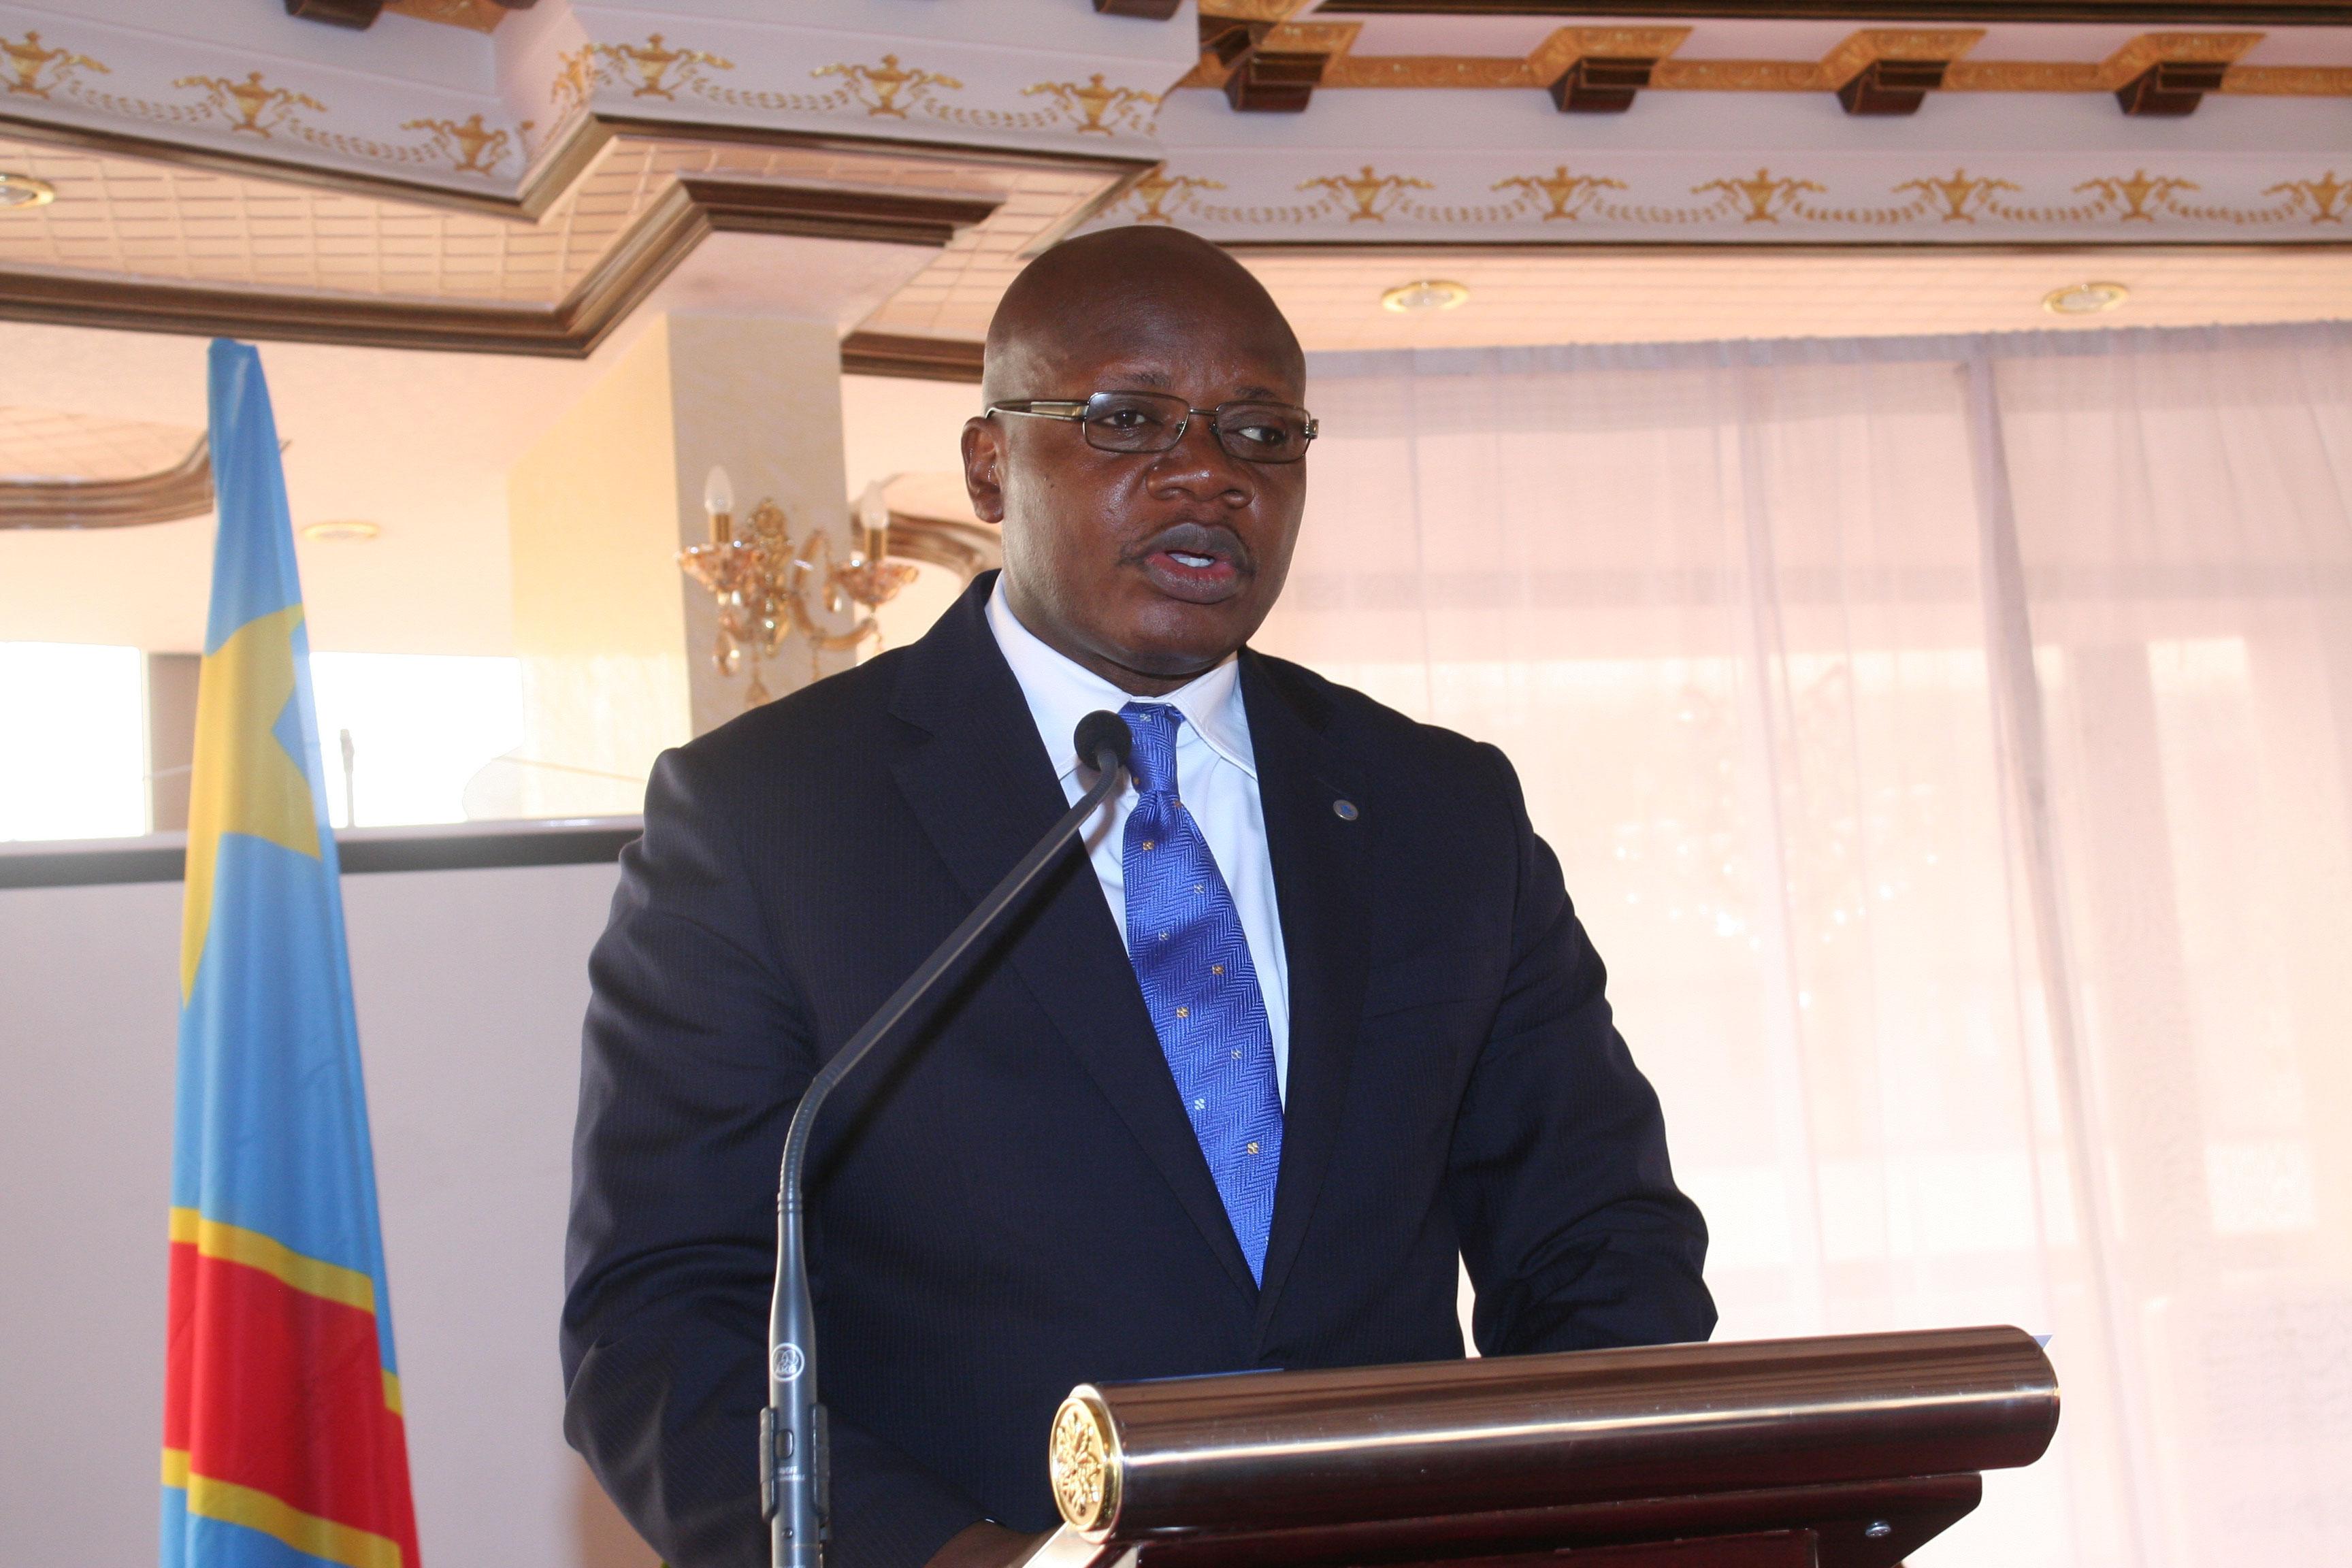 RDC : Luhaka obtient la correction de la montée des prix des cartes prépayées de communication 17